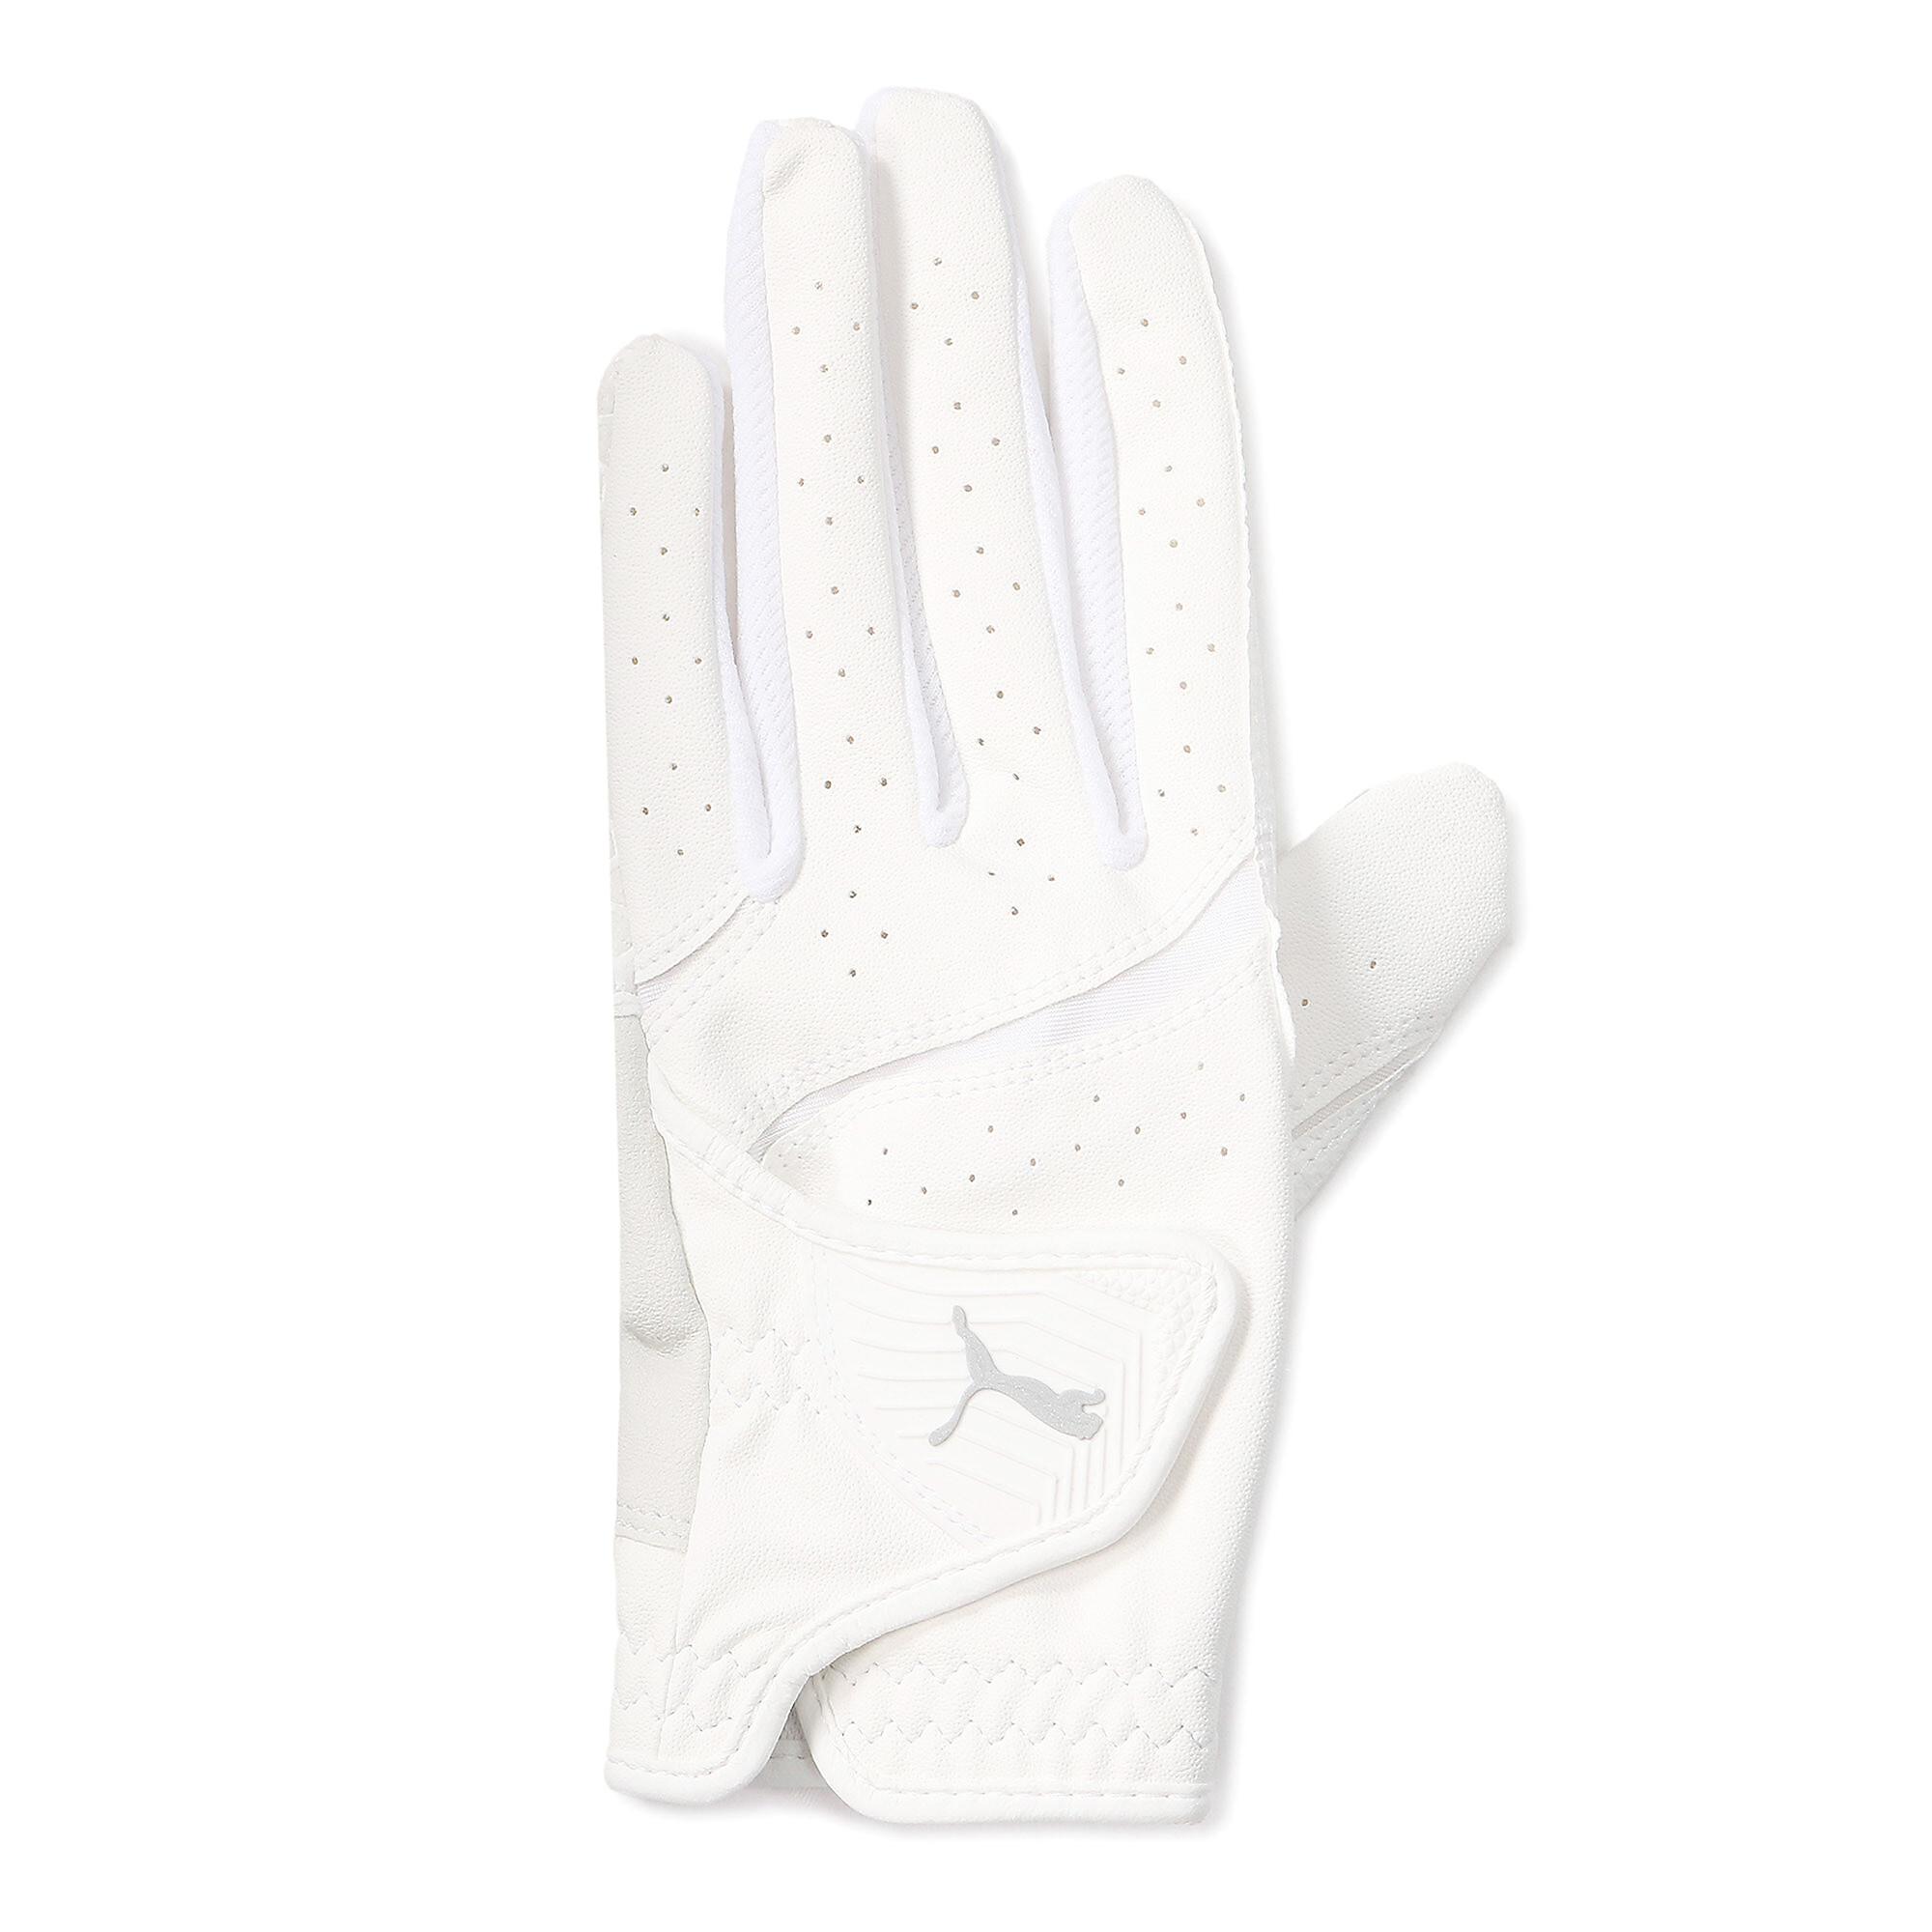 【プーマ公式通販】 プーマ ゴルフ ウィメンズ HEXA グリップグローブ 左手用 ウィメンズ BRIGHT WHITE-BRIGHT WHITE |PUMA.com